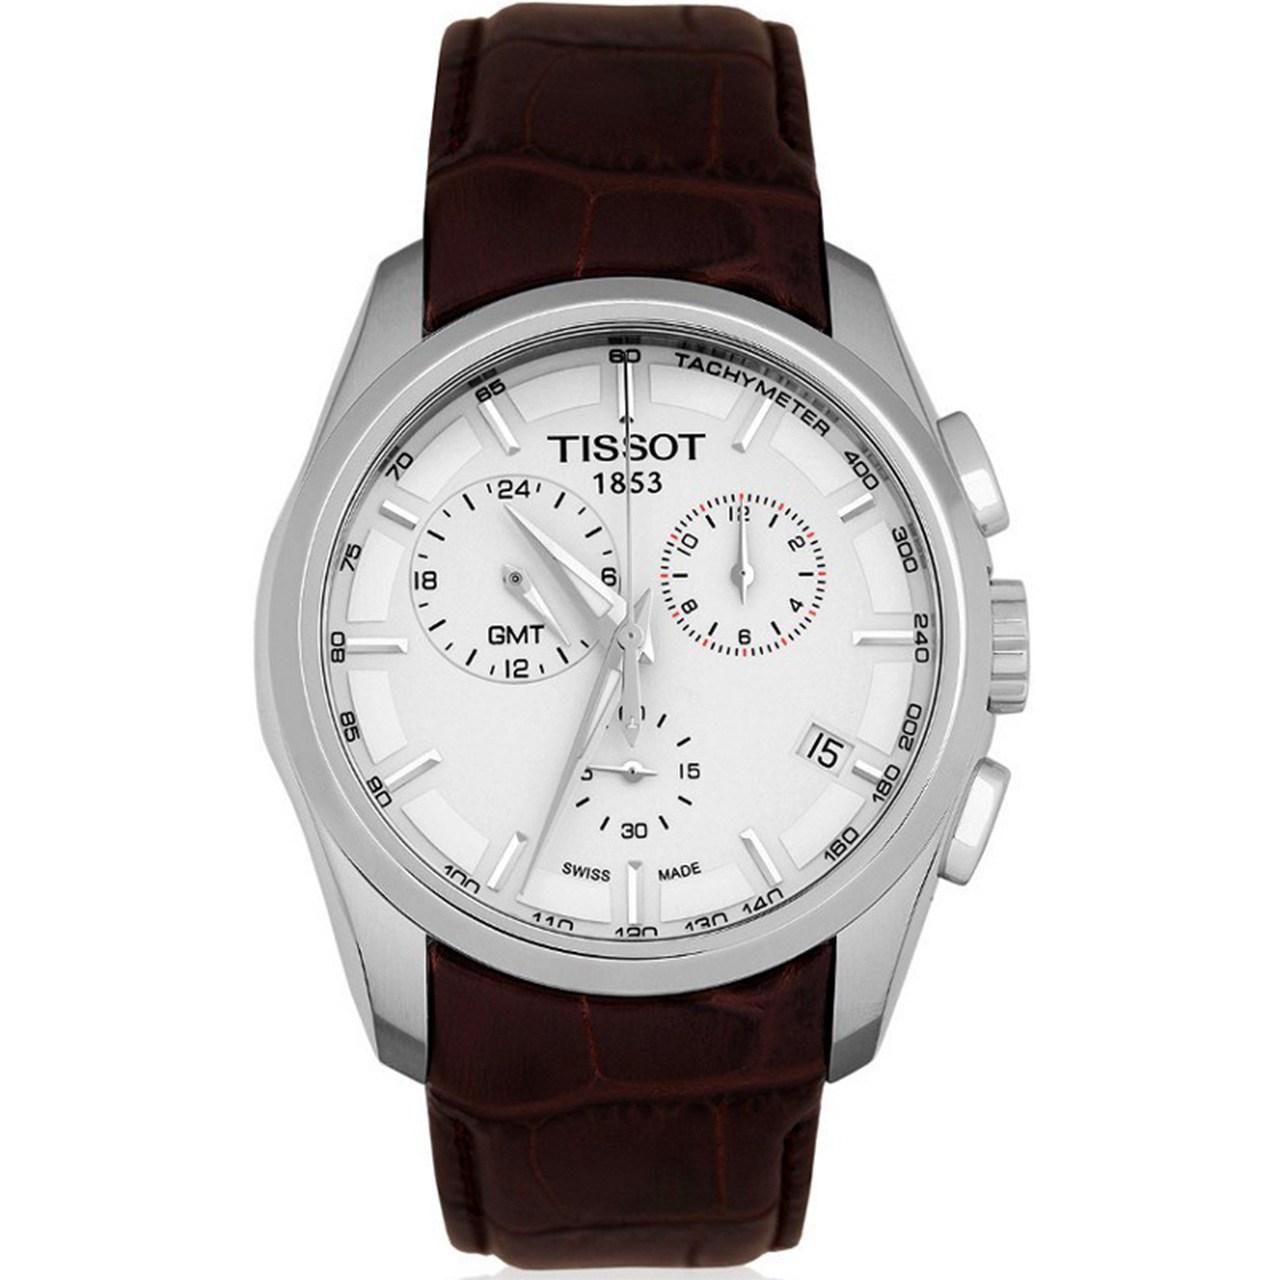 ساعت مچی عقربه ای مردانه تیسوت مدل T035.439.16.031.00 50